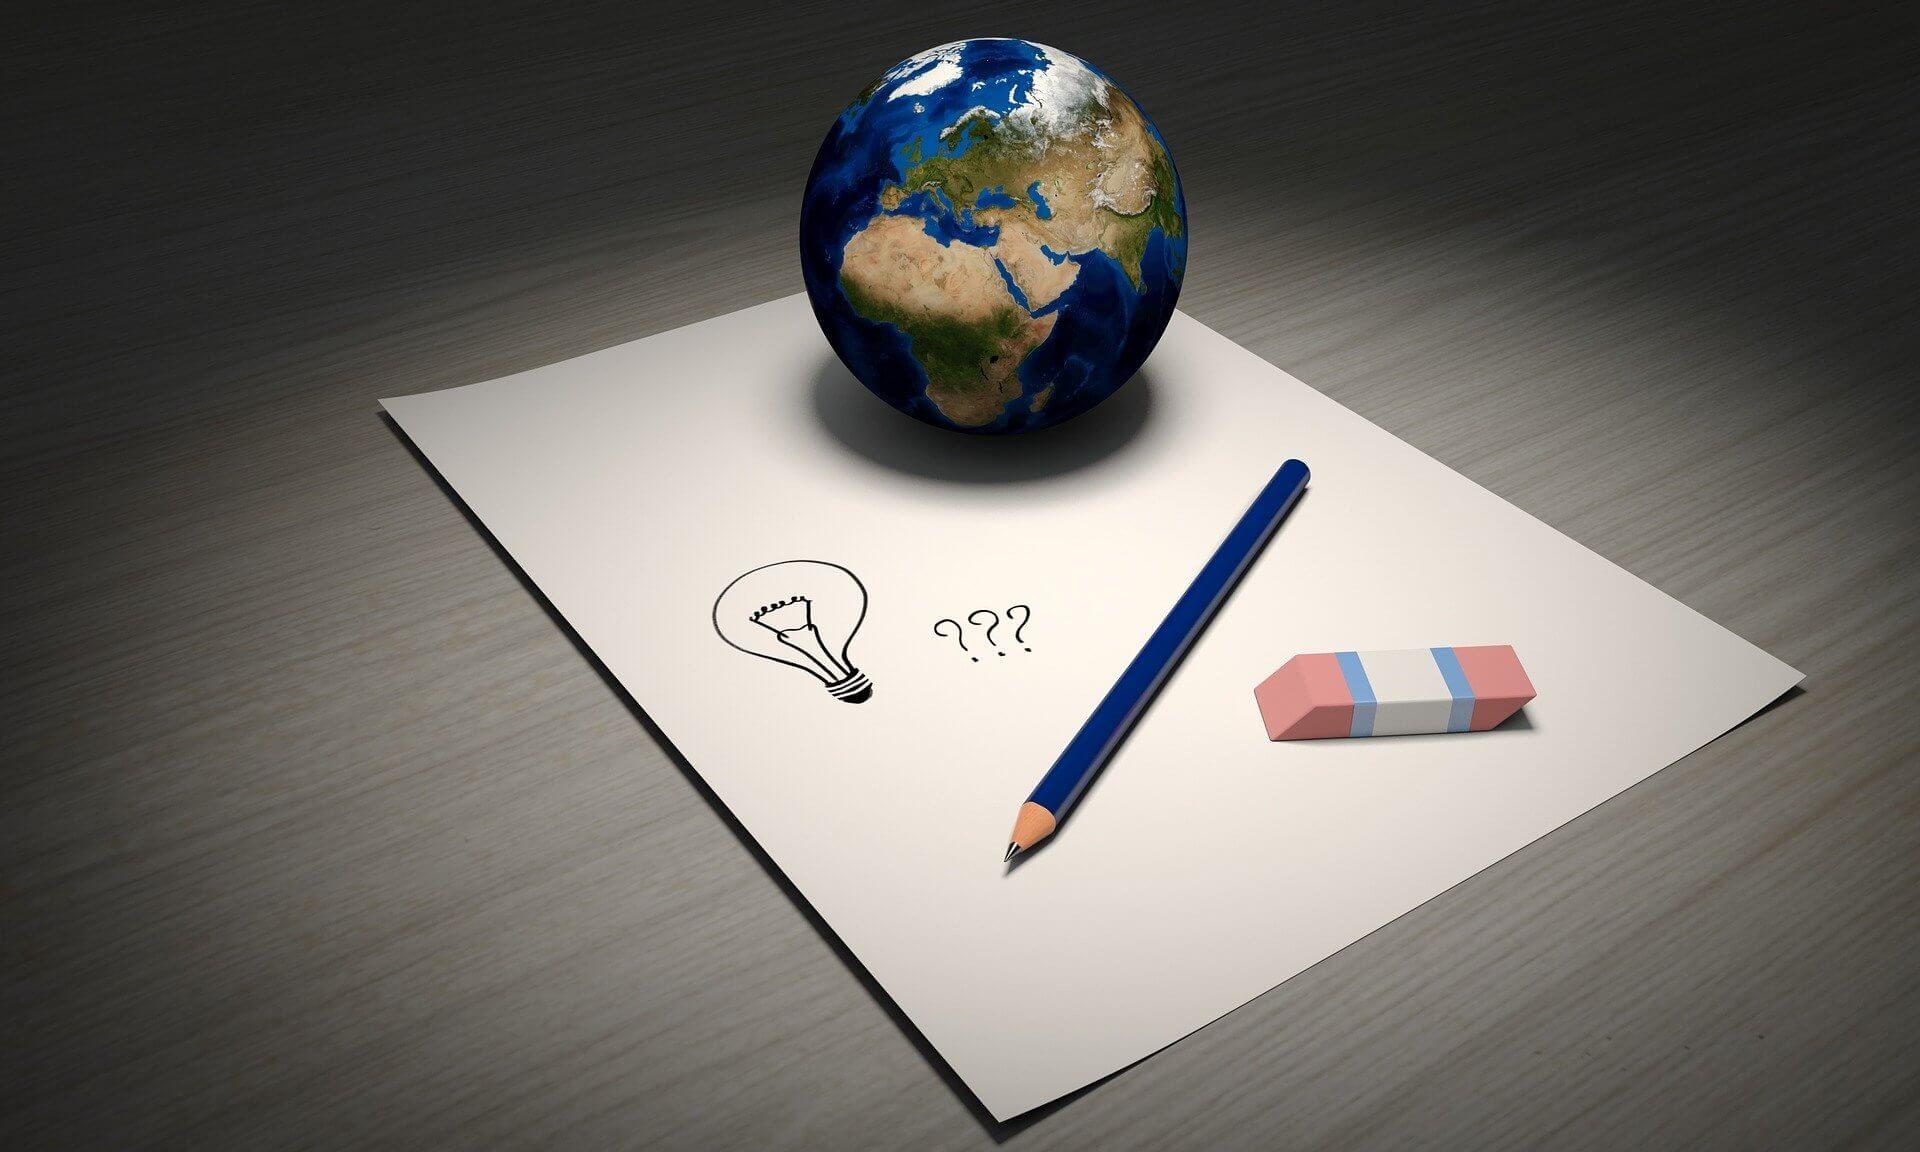 planète, crayon, gomme et papier